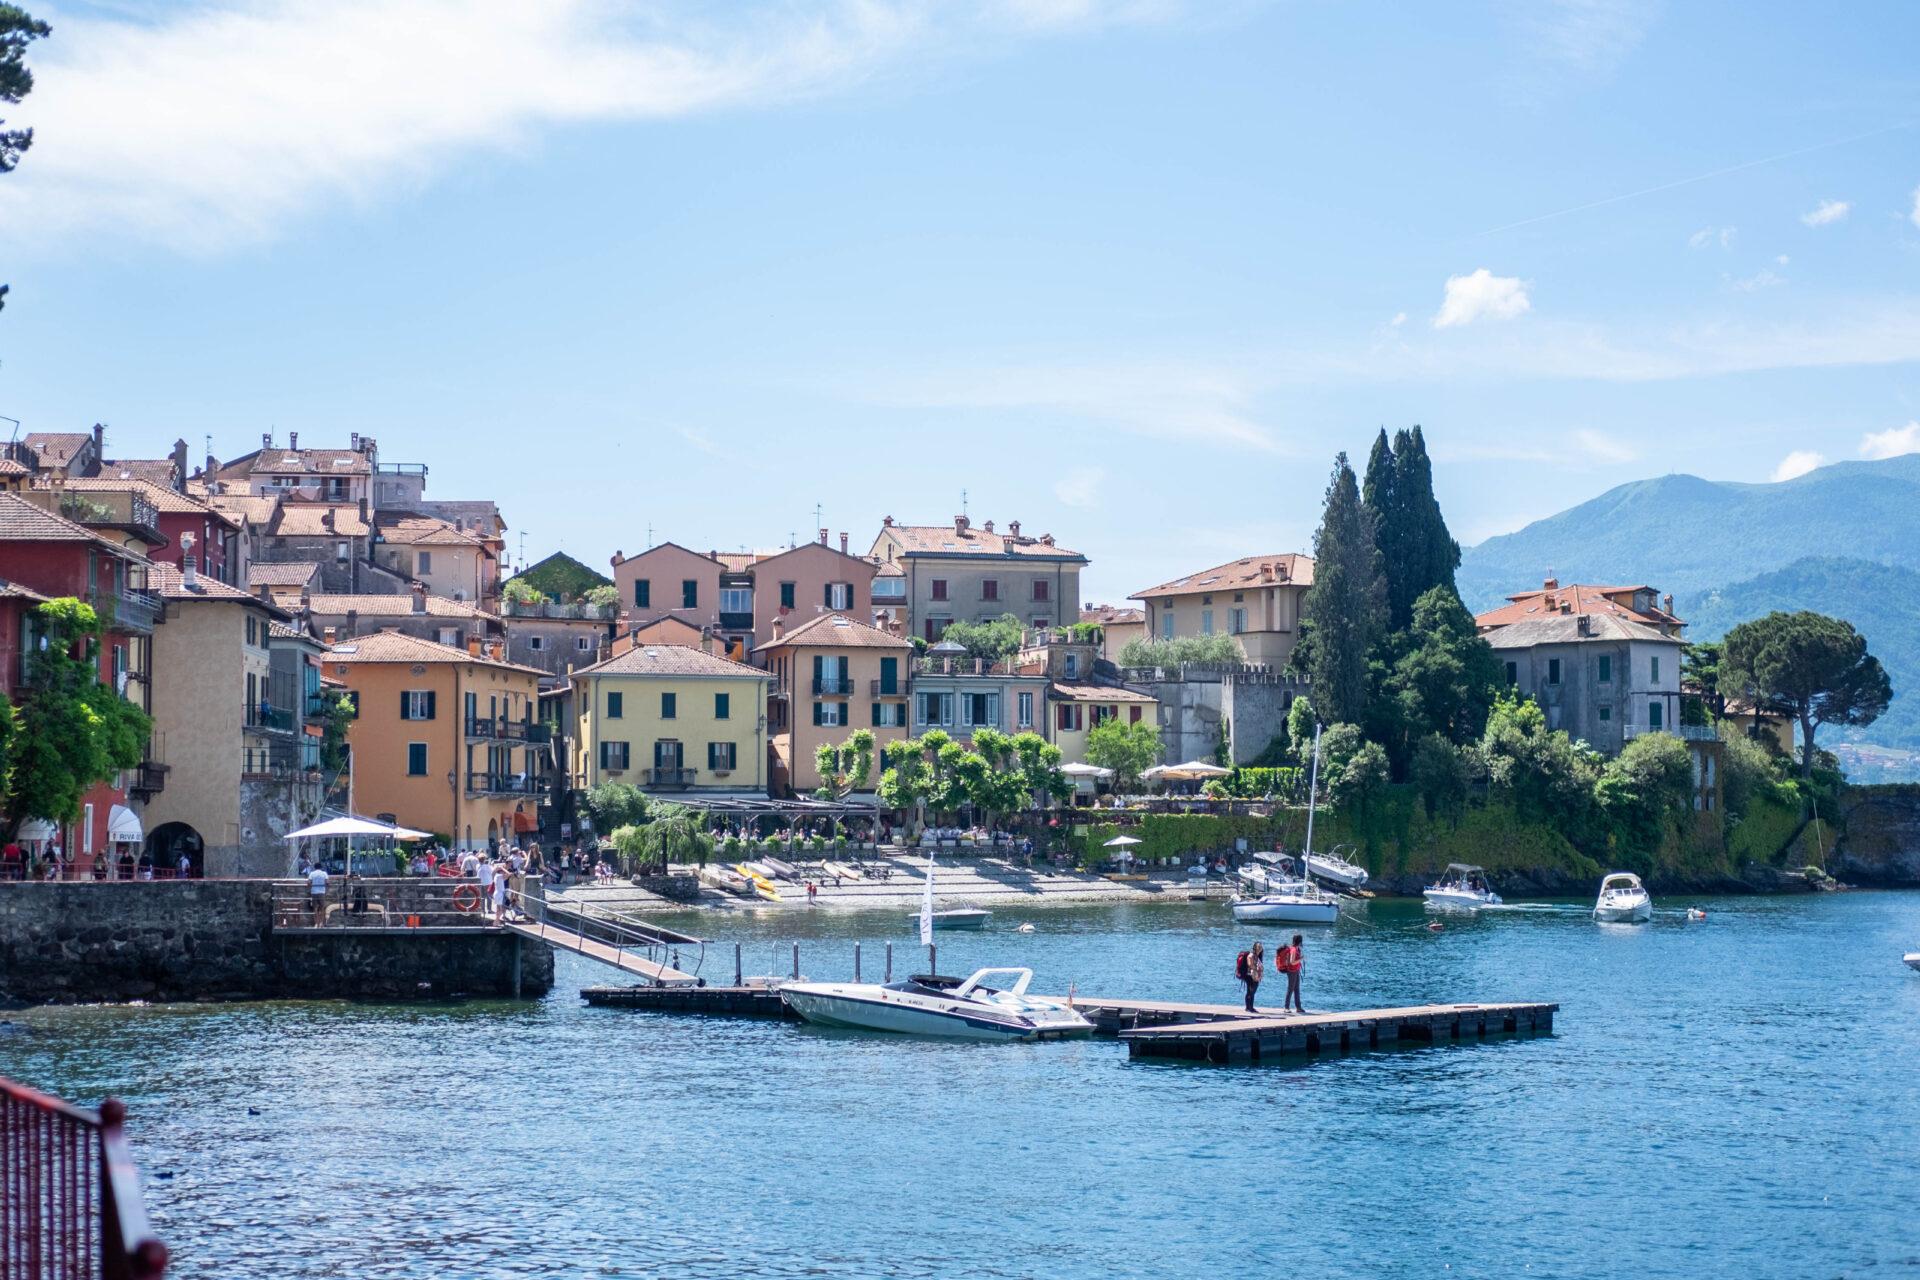 Варенна иБеллано, Озеро Комо, италия